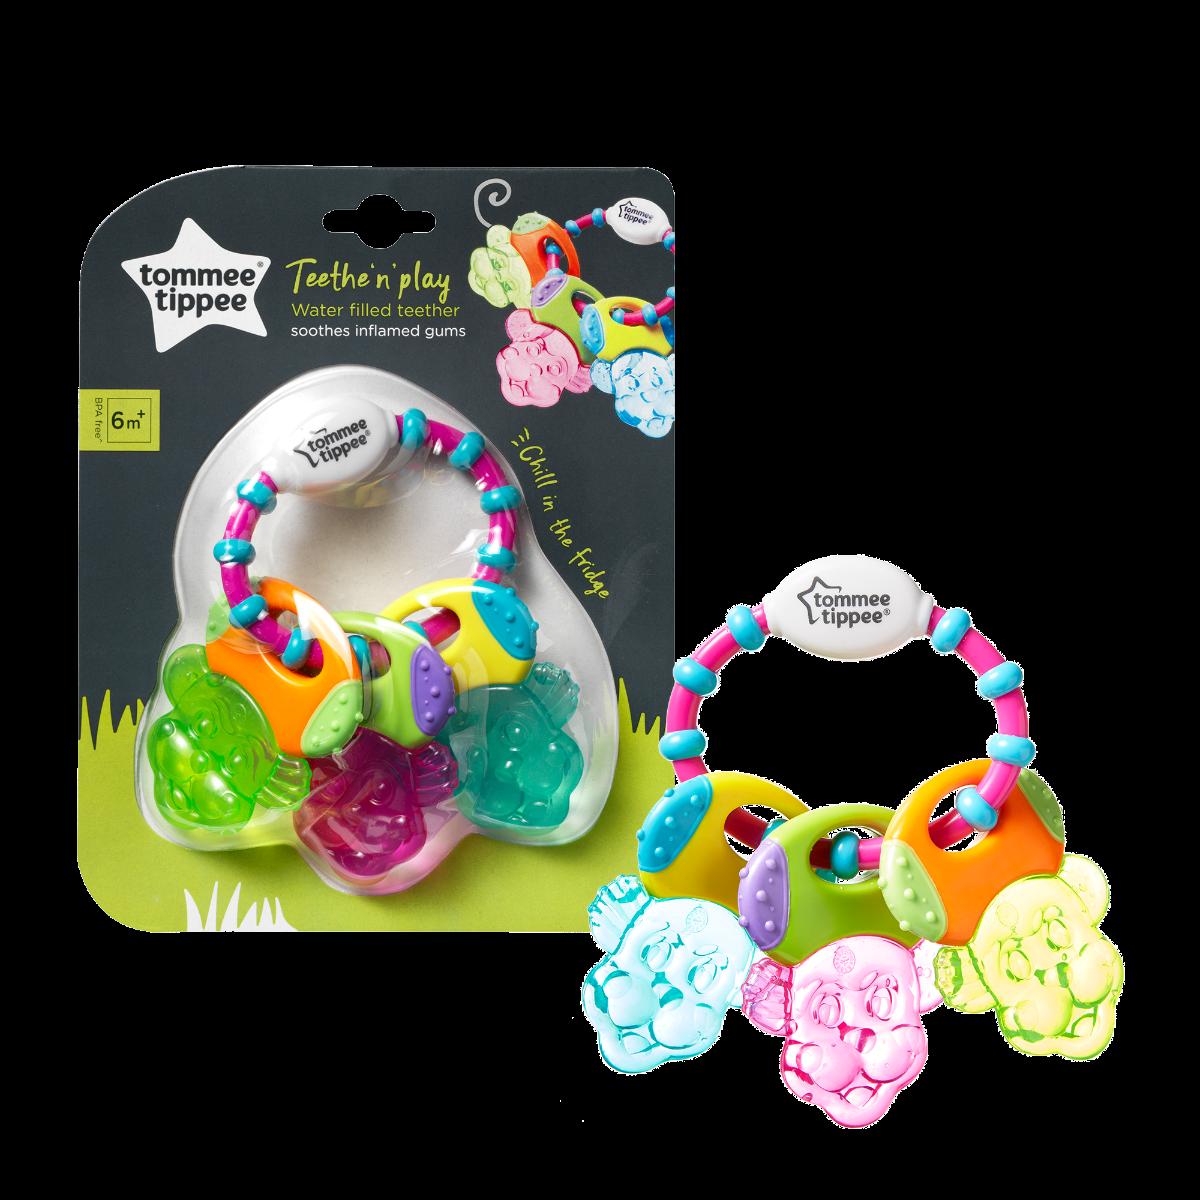 teethe-n-play-multi-colour-teether-in-packaging